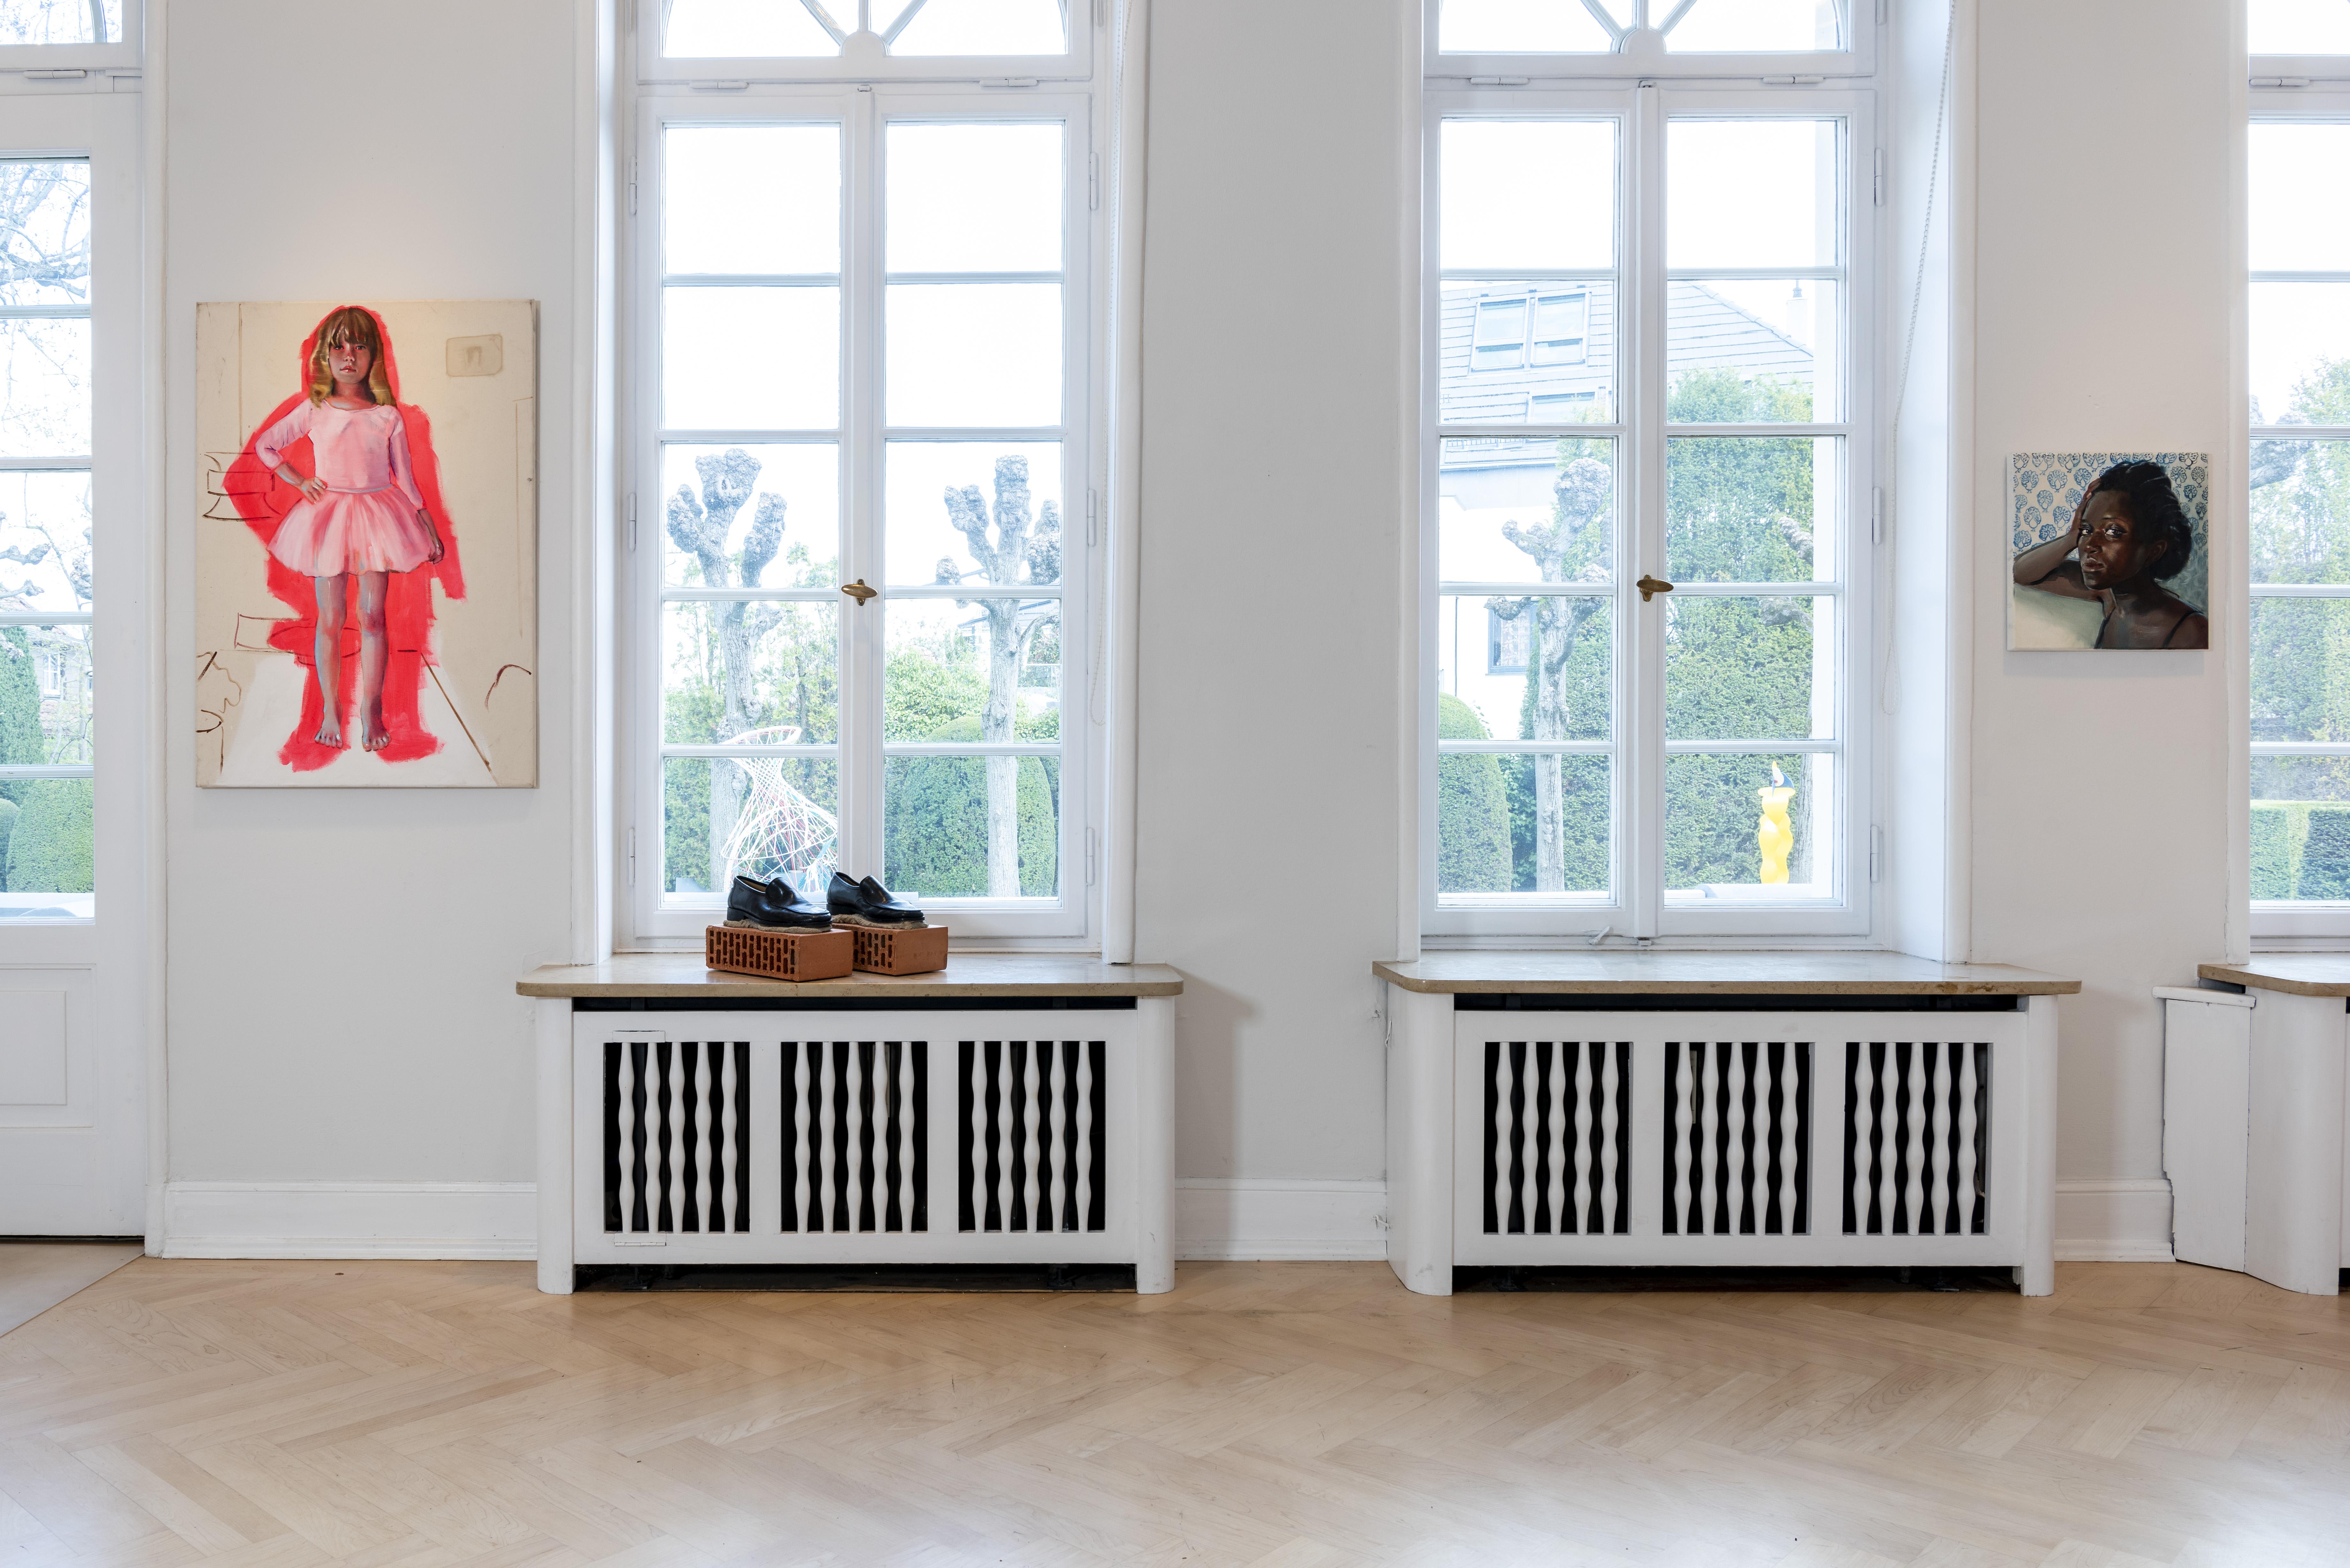 """Abbildung: """"Mädchen im Ballettkleid"""" (links) und """"Frau vor Tapete mit Vögeln"""" (rechts) von Kathrin Landa"""